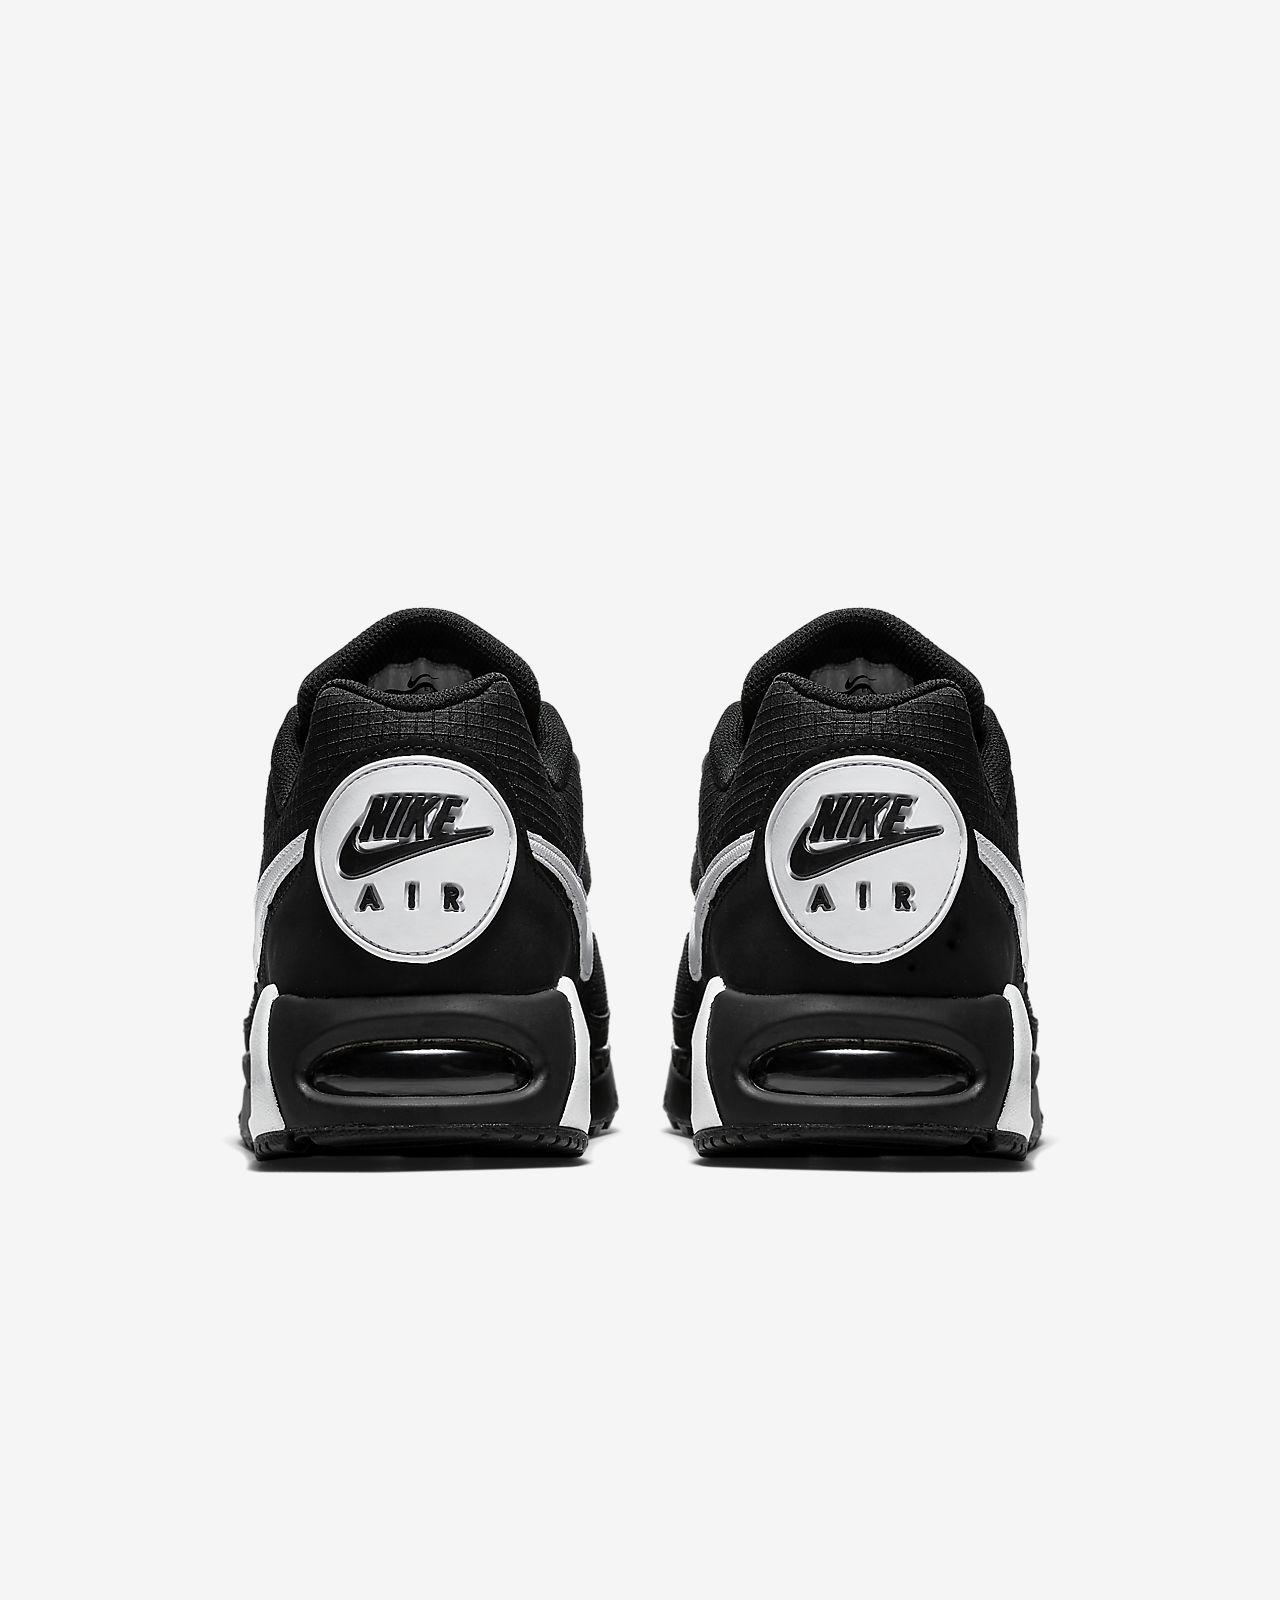 Sko Nike Air Max IVO för män